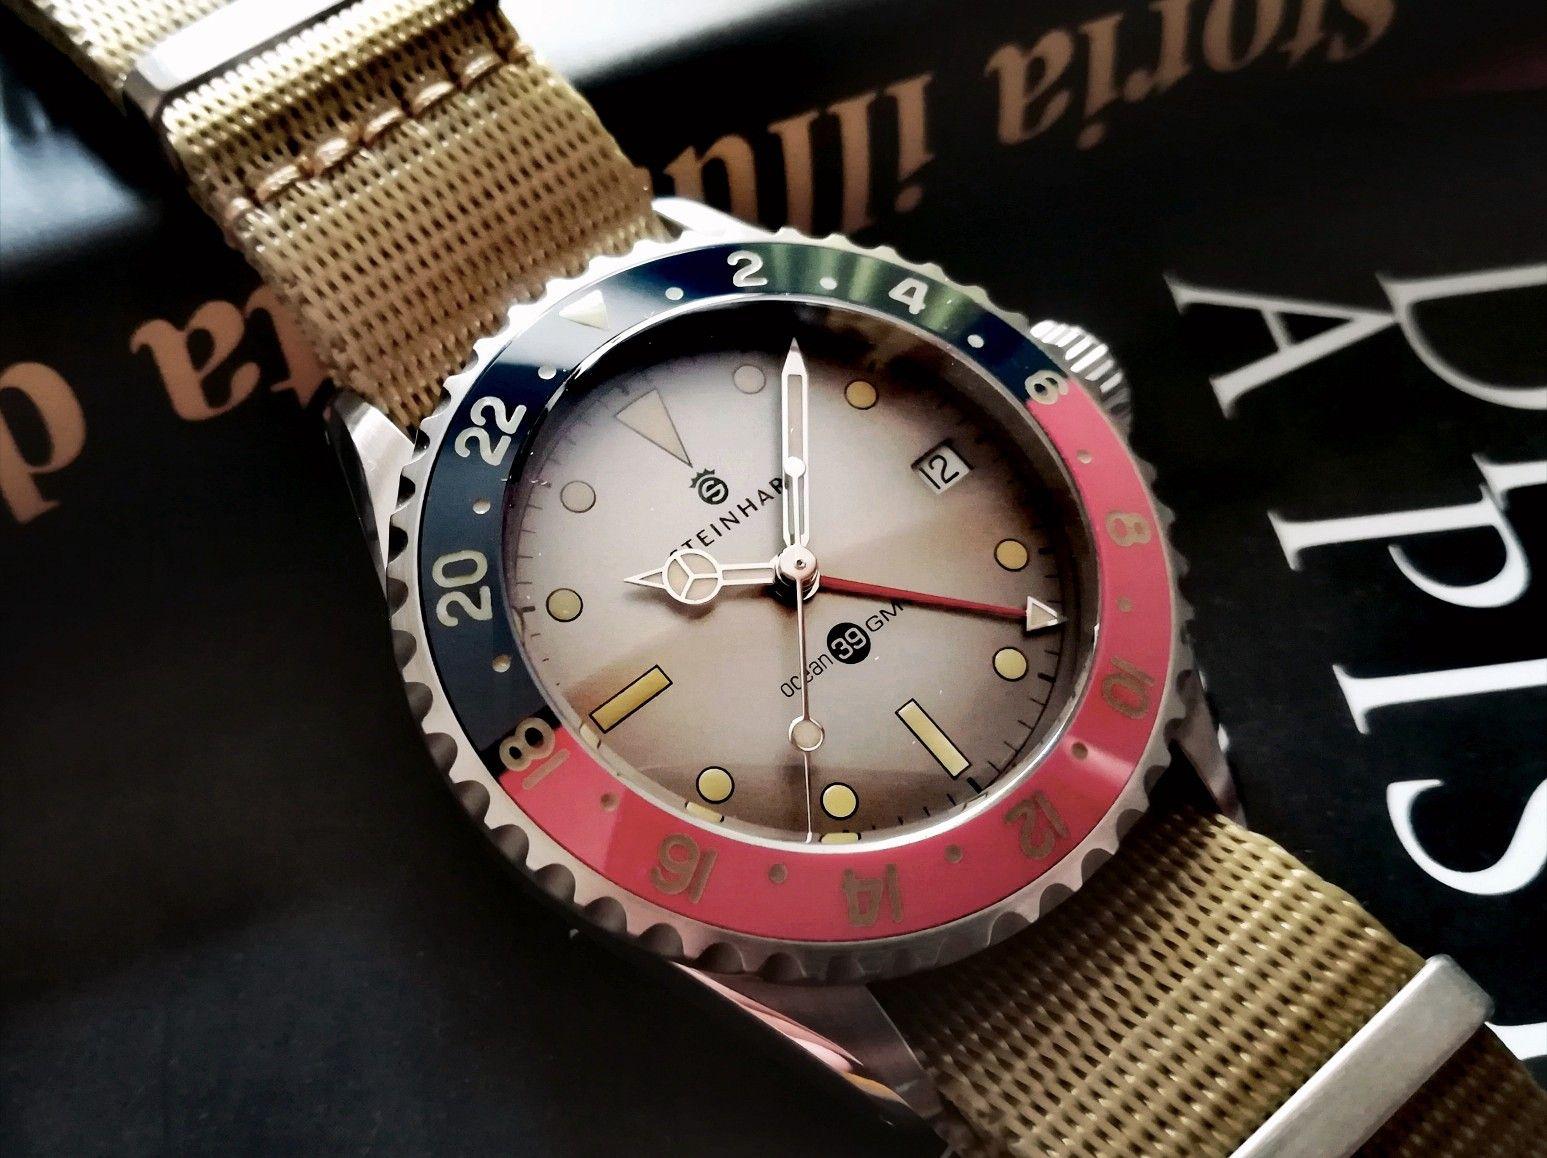 Steinhart Ocean One 39 Vintage Gmt Special Olko Edition Bracelet Watch Steinhart Ocean One Watches